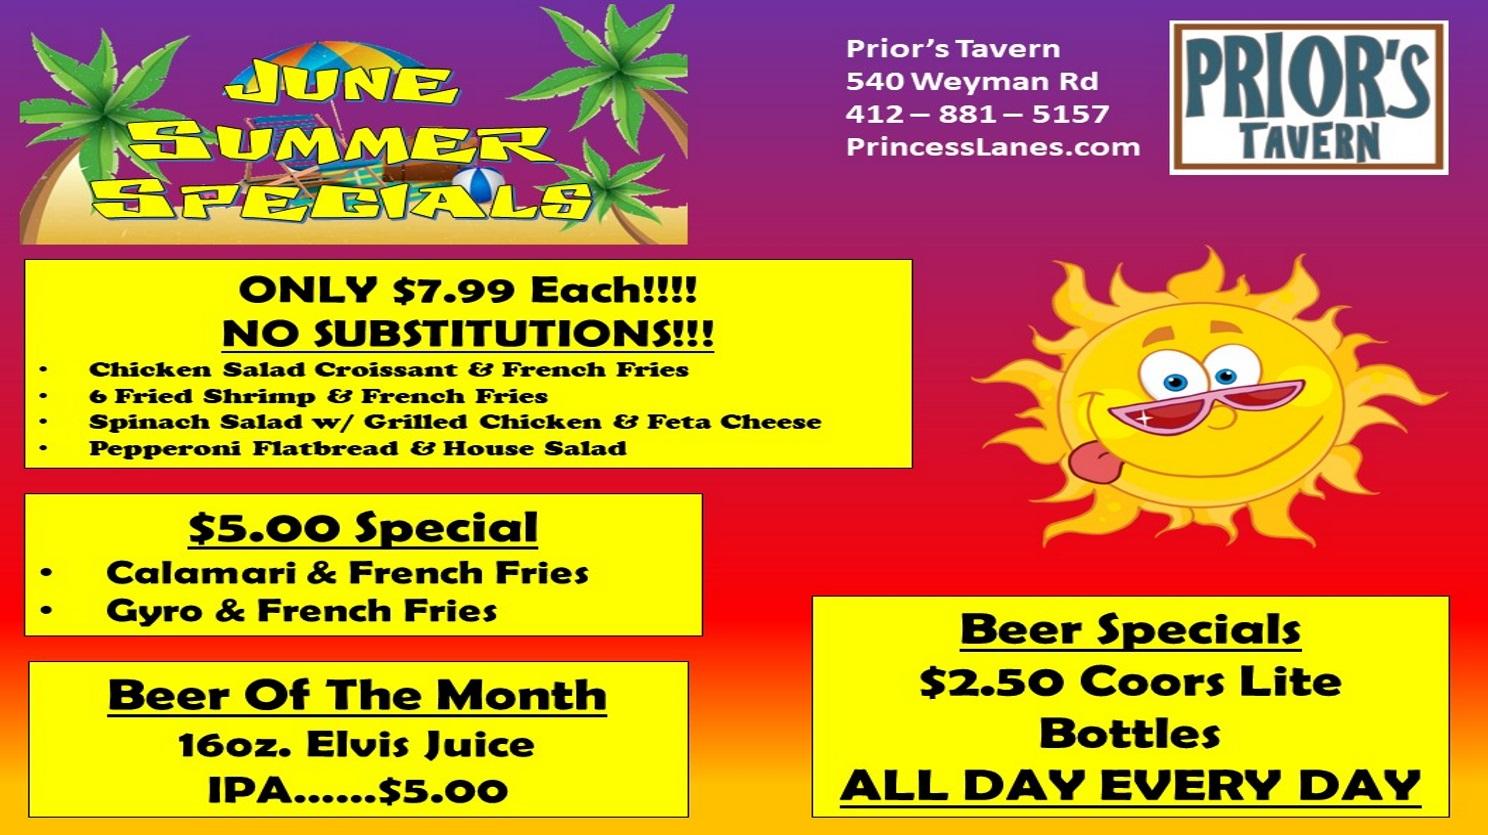 June Summer Specials at Prior's Tavern 2019